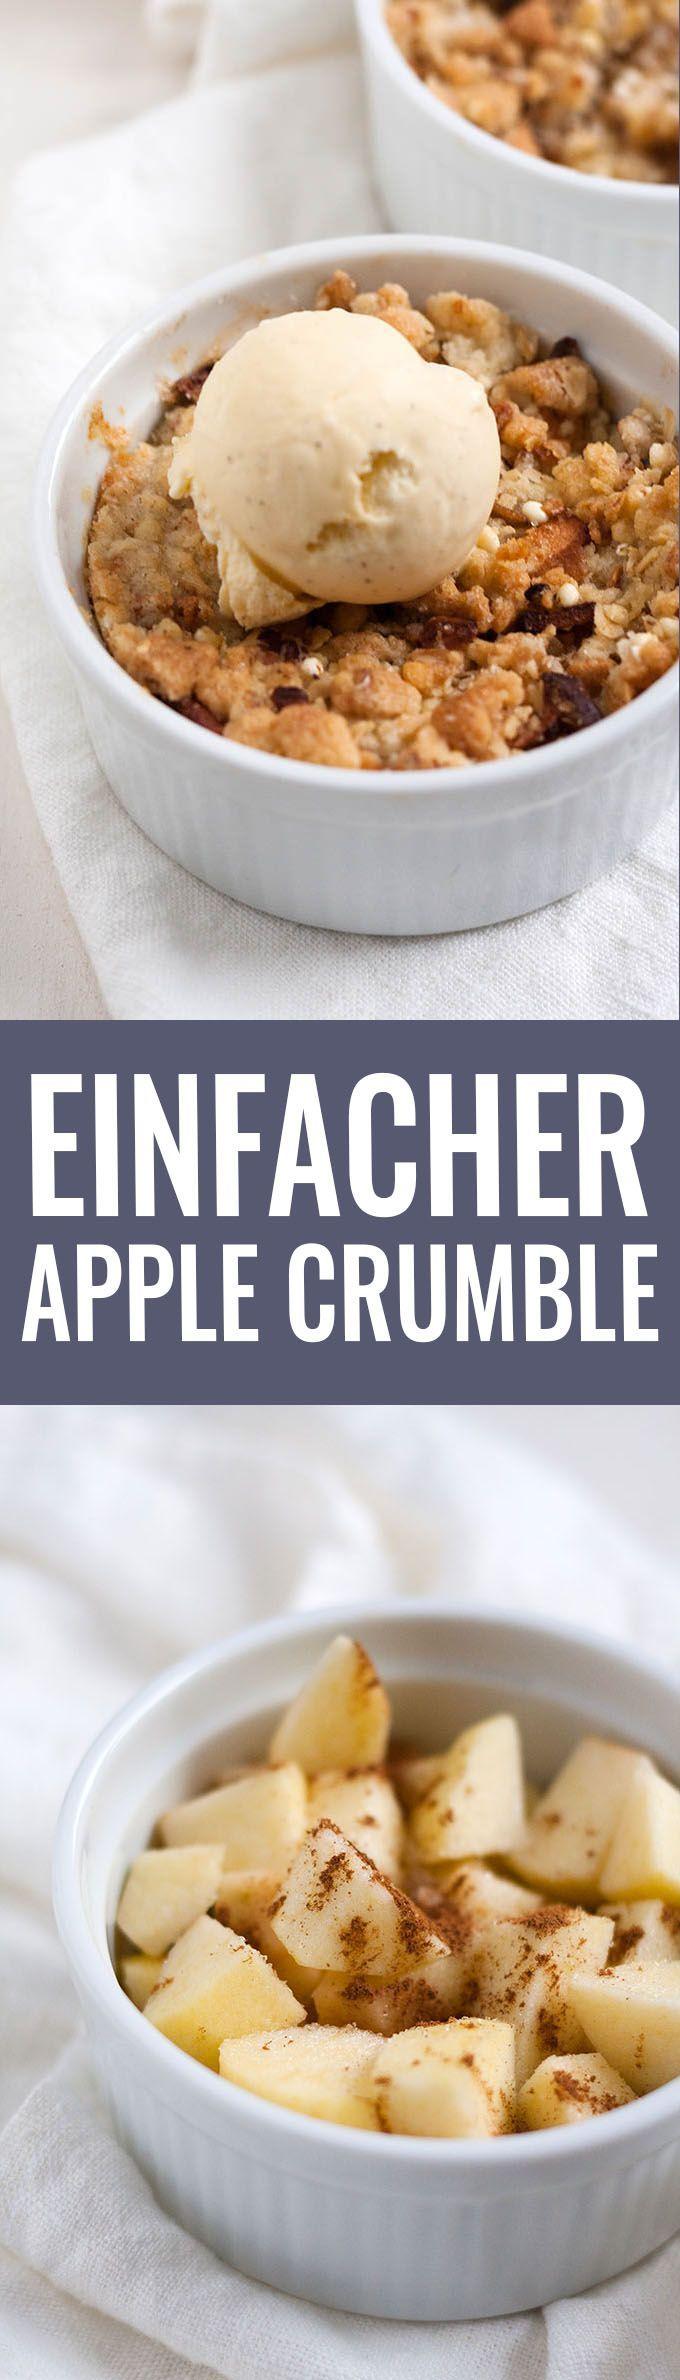 Einfacher Apple Crumble